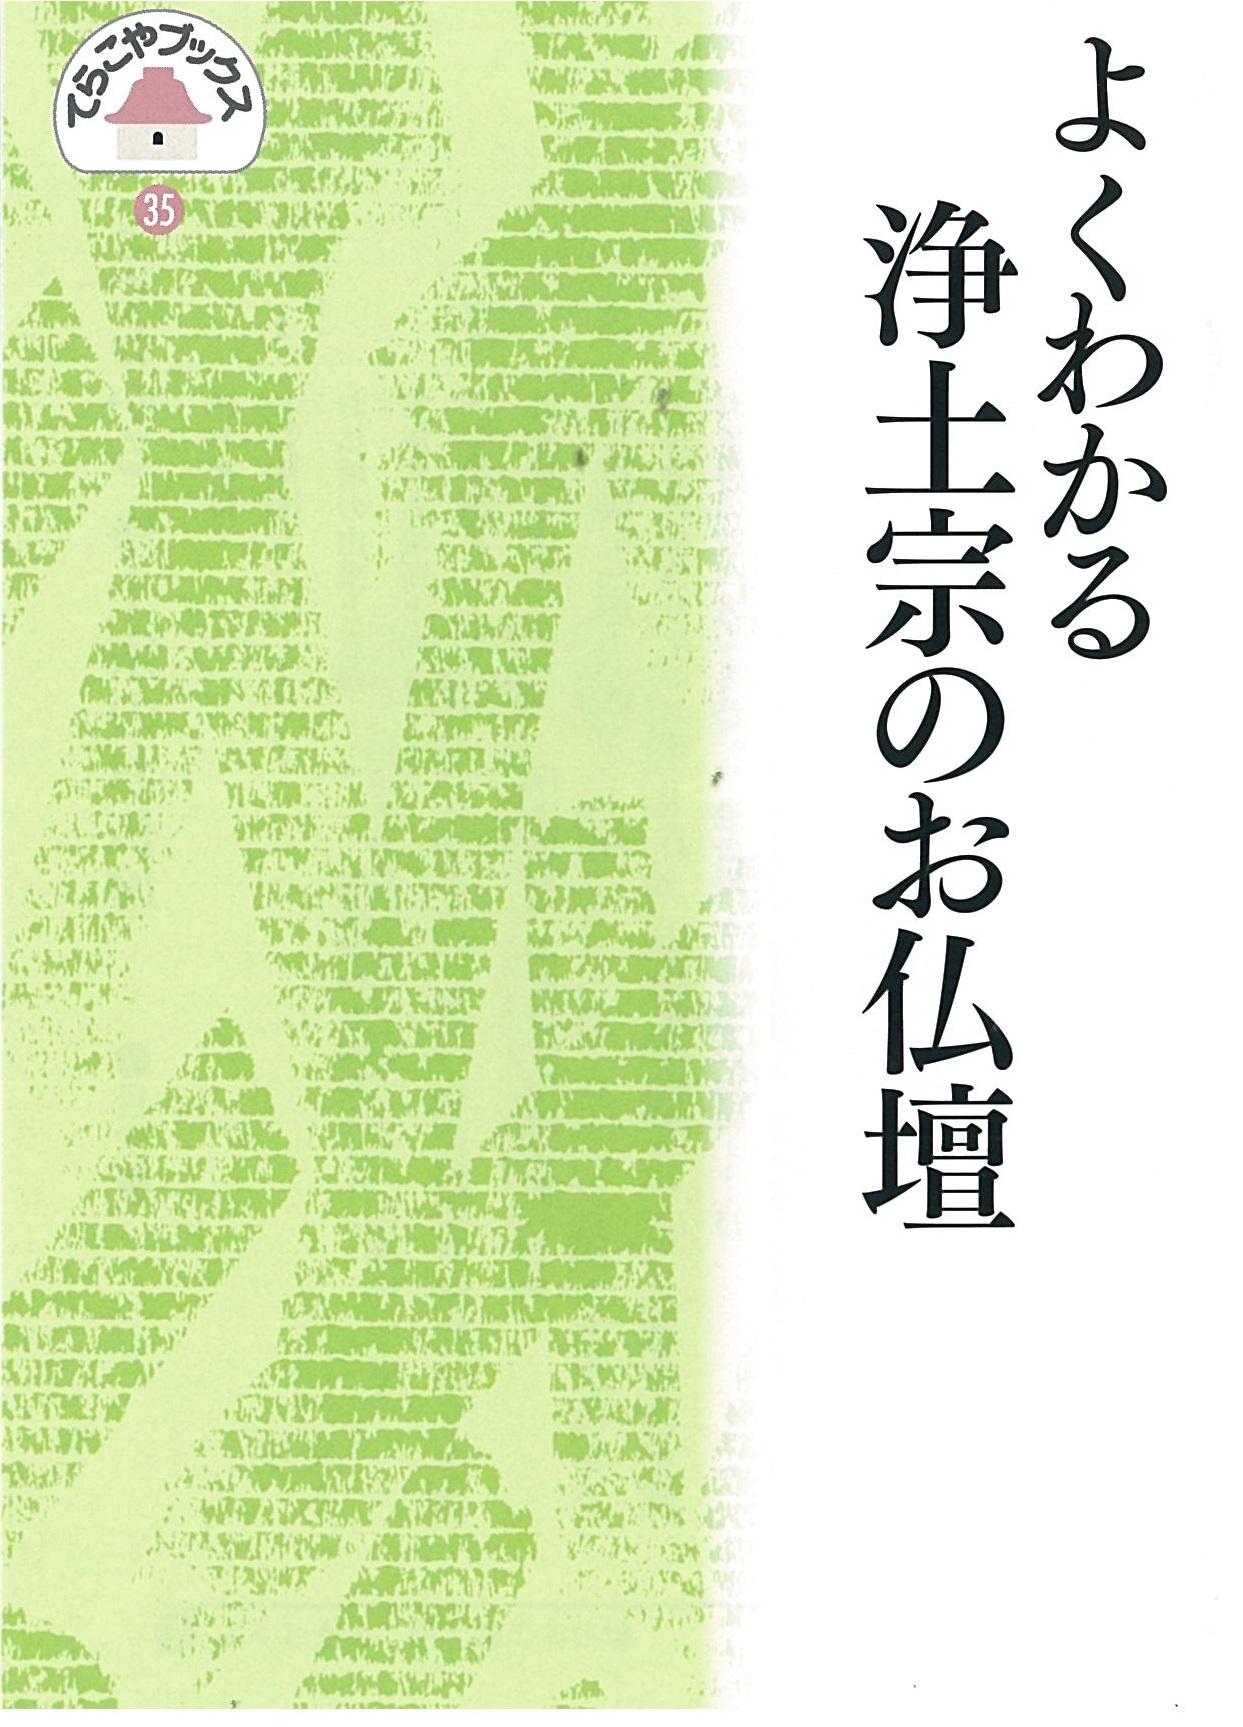 TB35よくわかる浄土宗のお仏壇.jpg